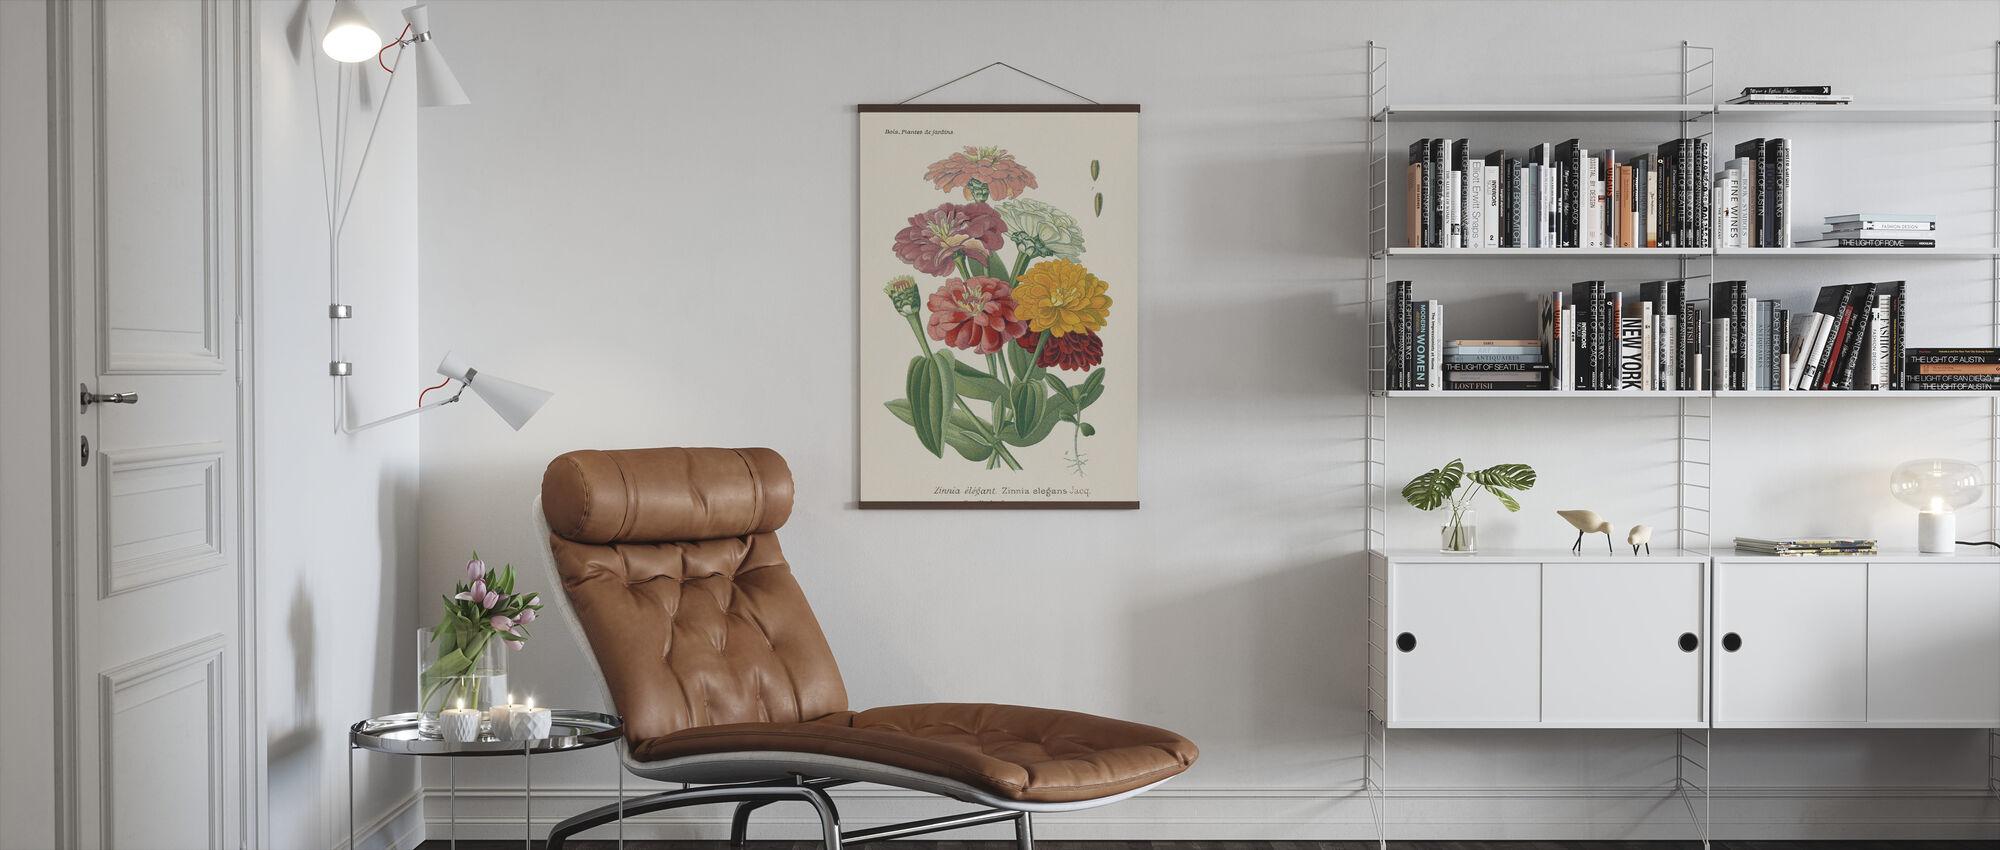 Antique Botanical II - Poster - Living Room